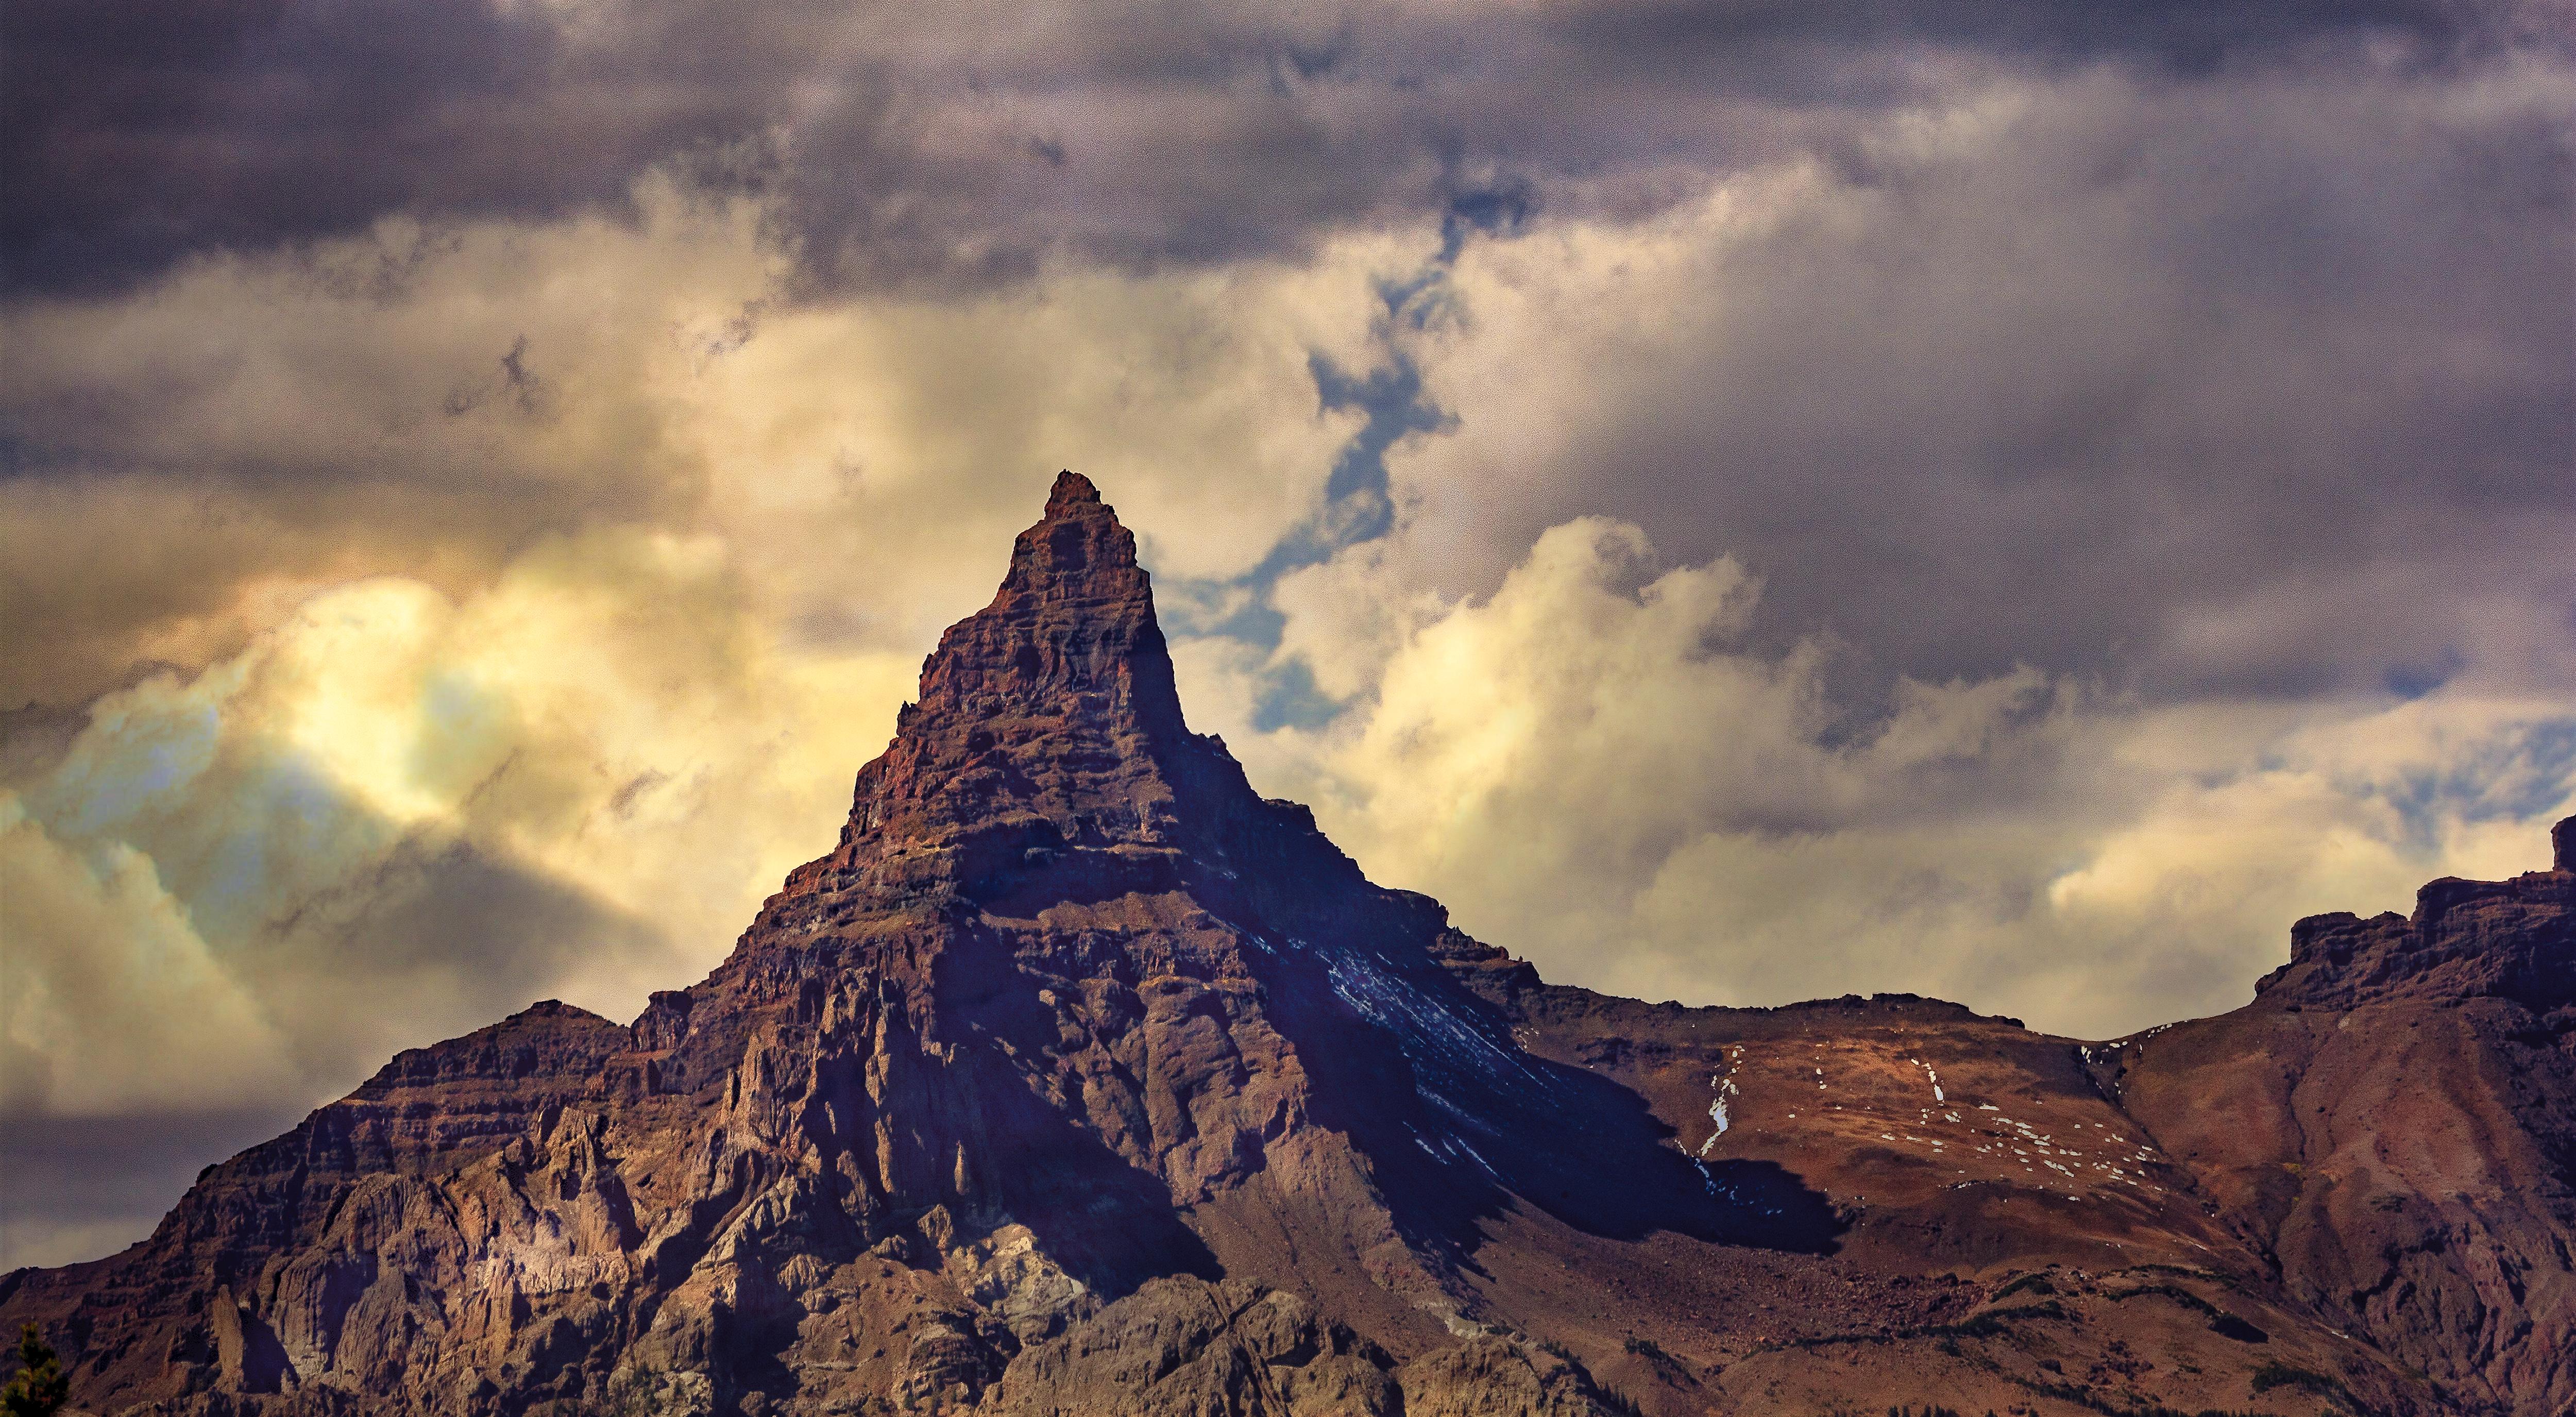 Movie Mountain